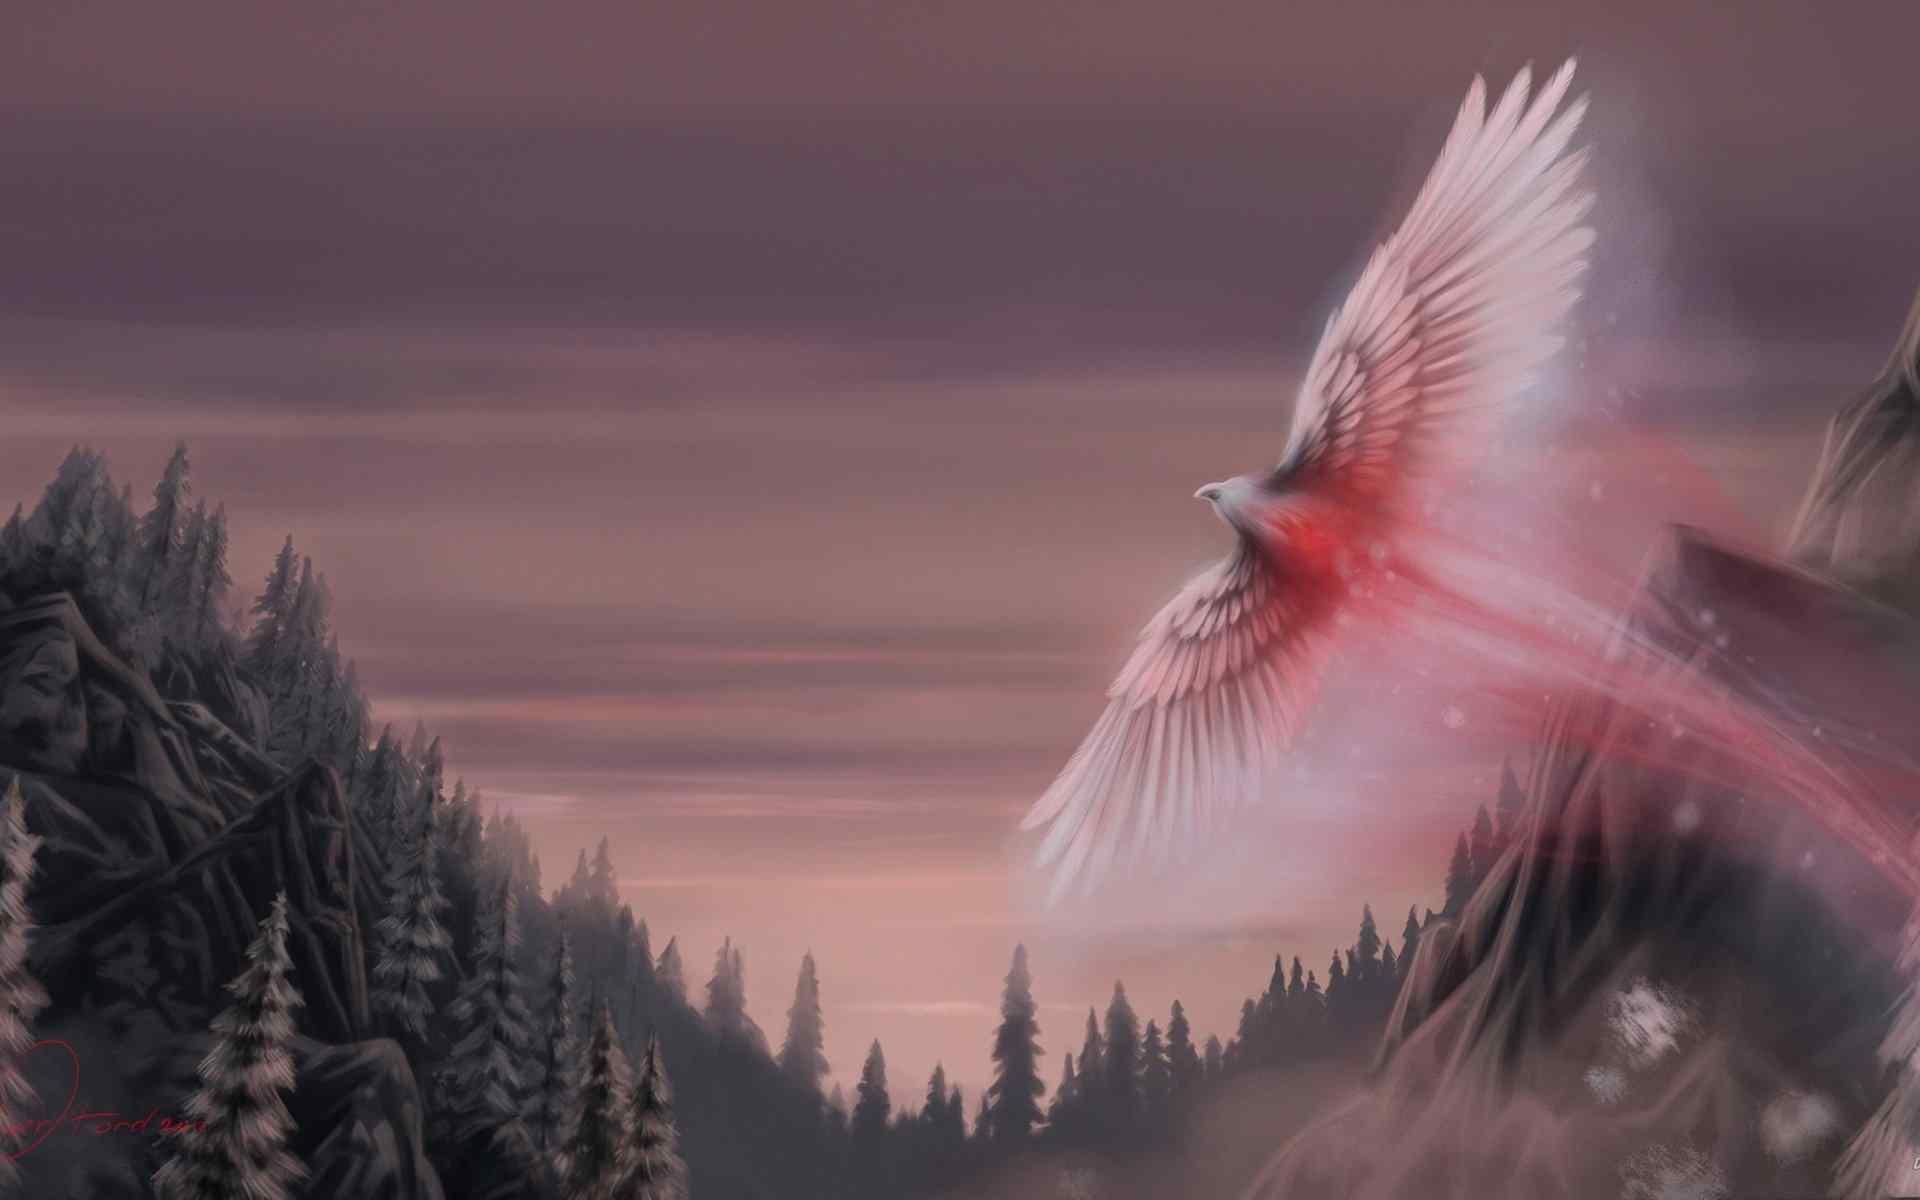 上古神兽火凤凰唯美手绘壁纸